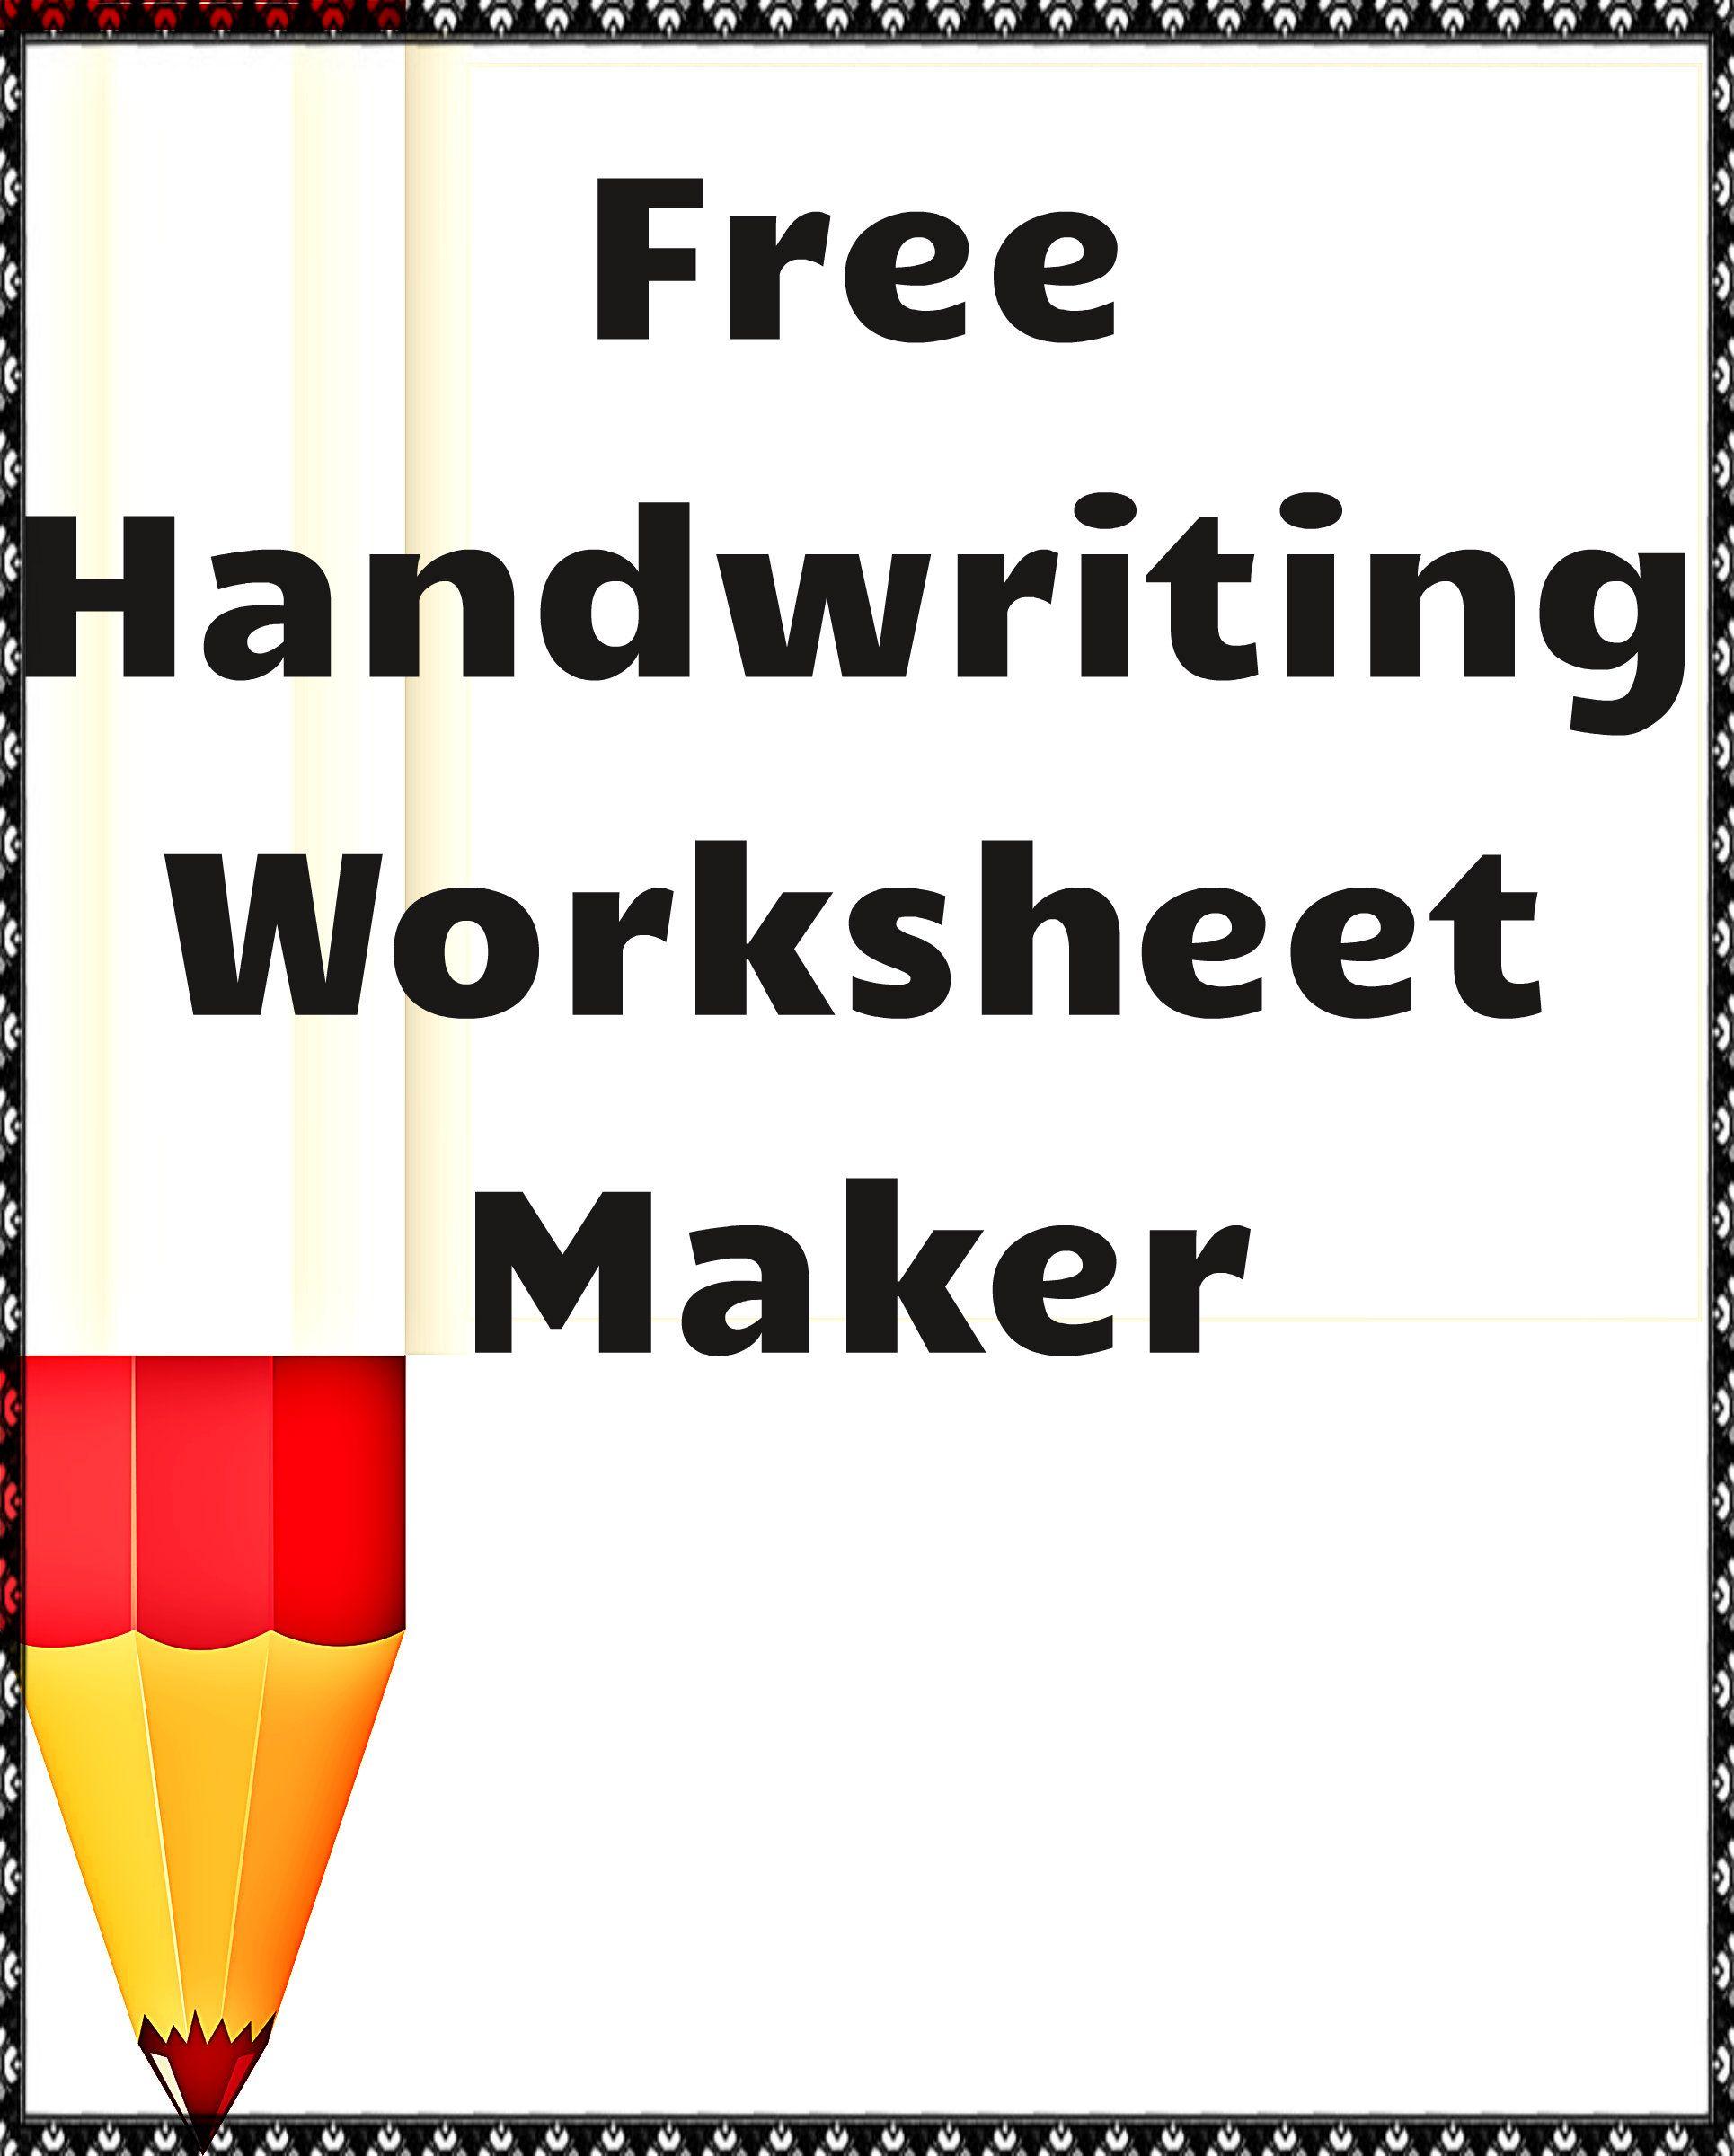 Worksheet Maker Download